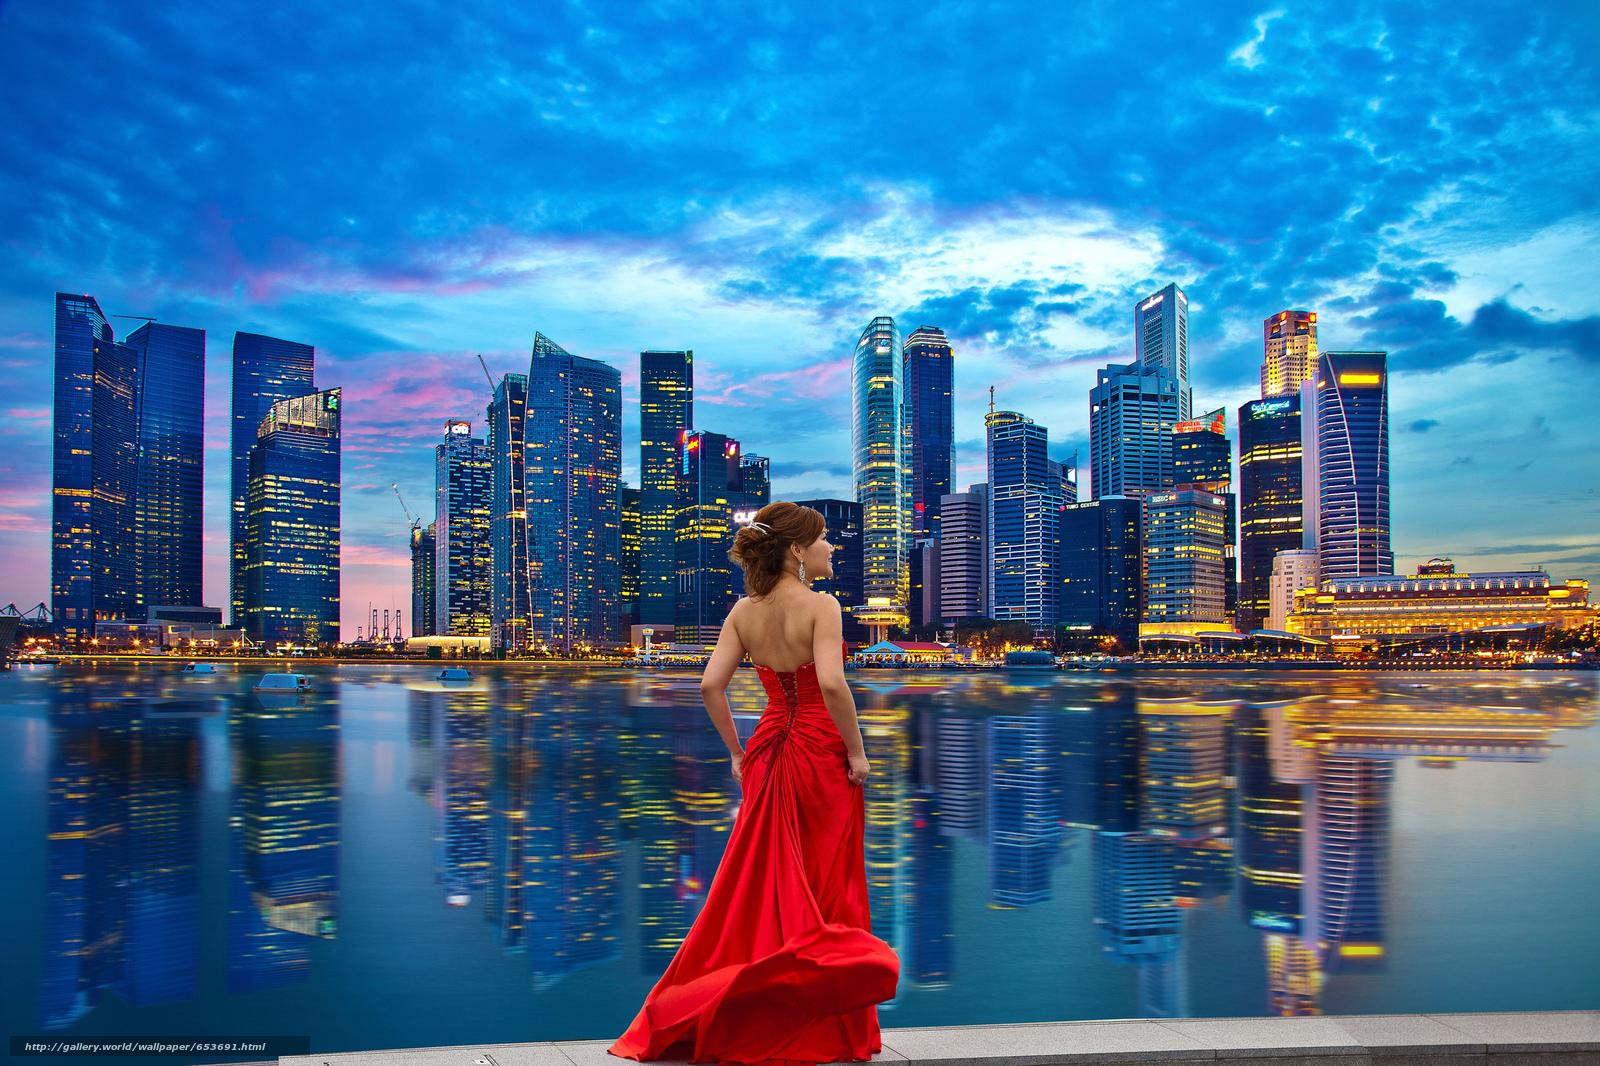 Скачать обои Сингапур,  Singapore,  город бесплатно для рабочего стола в разрешении 2048x1365 — картинка №653691